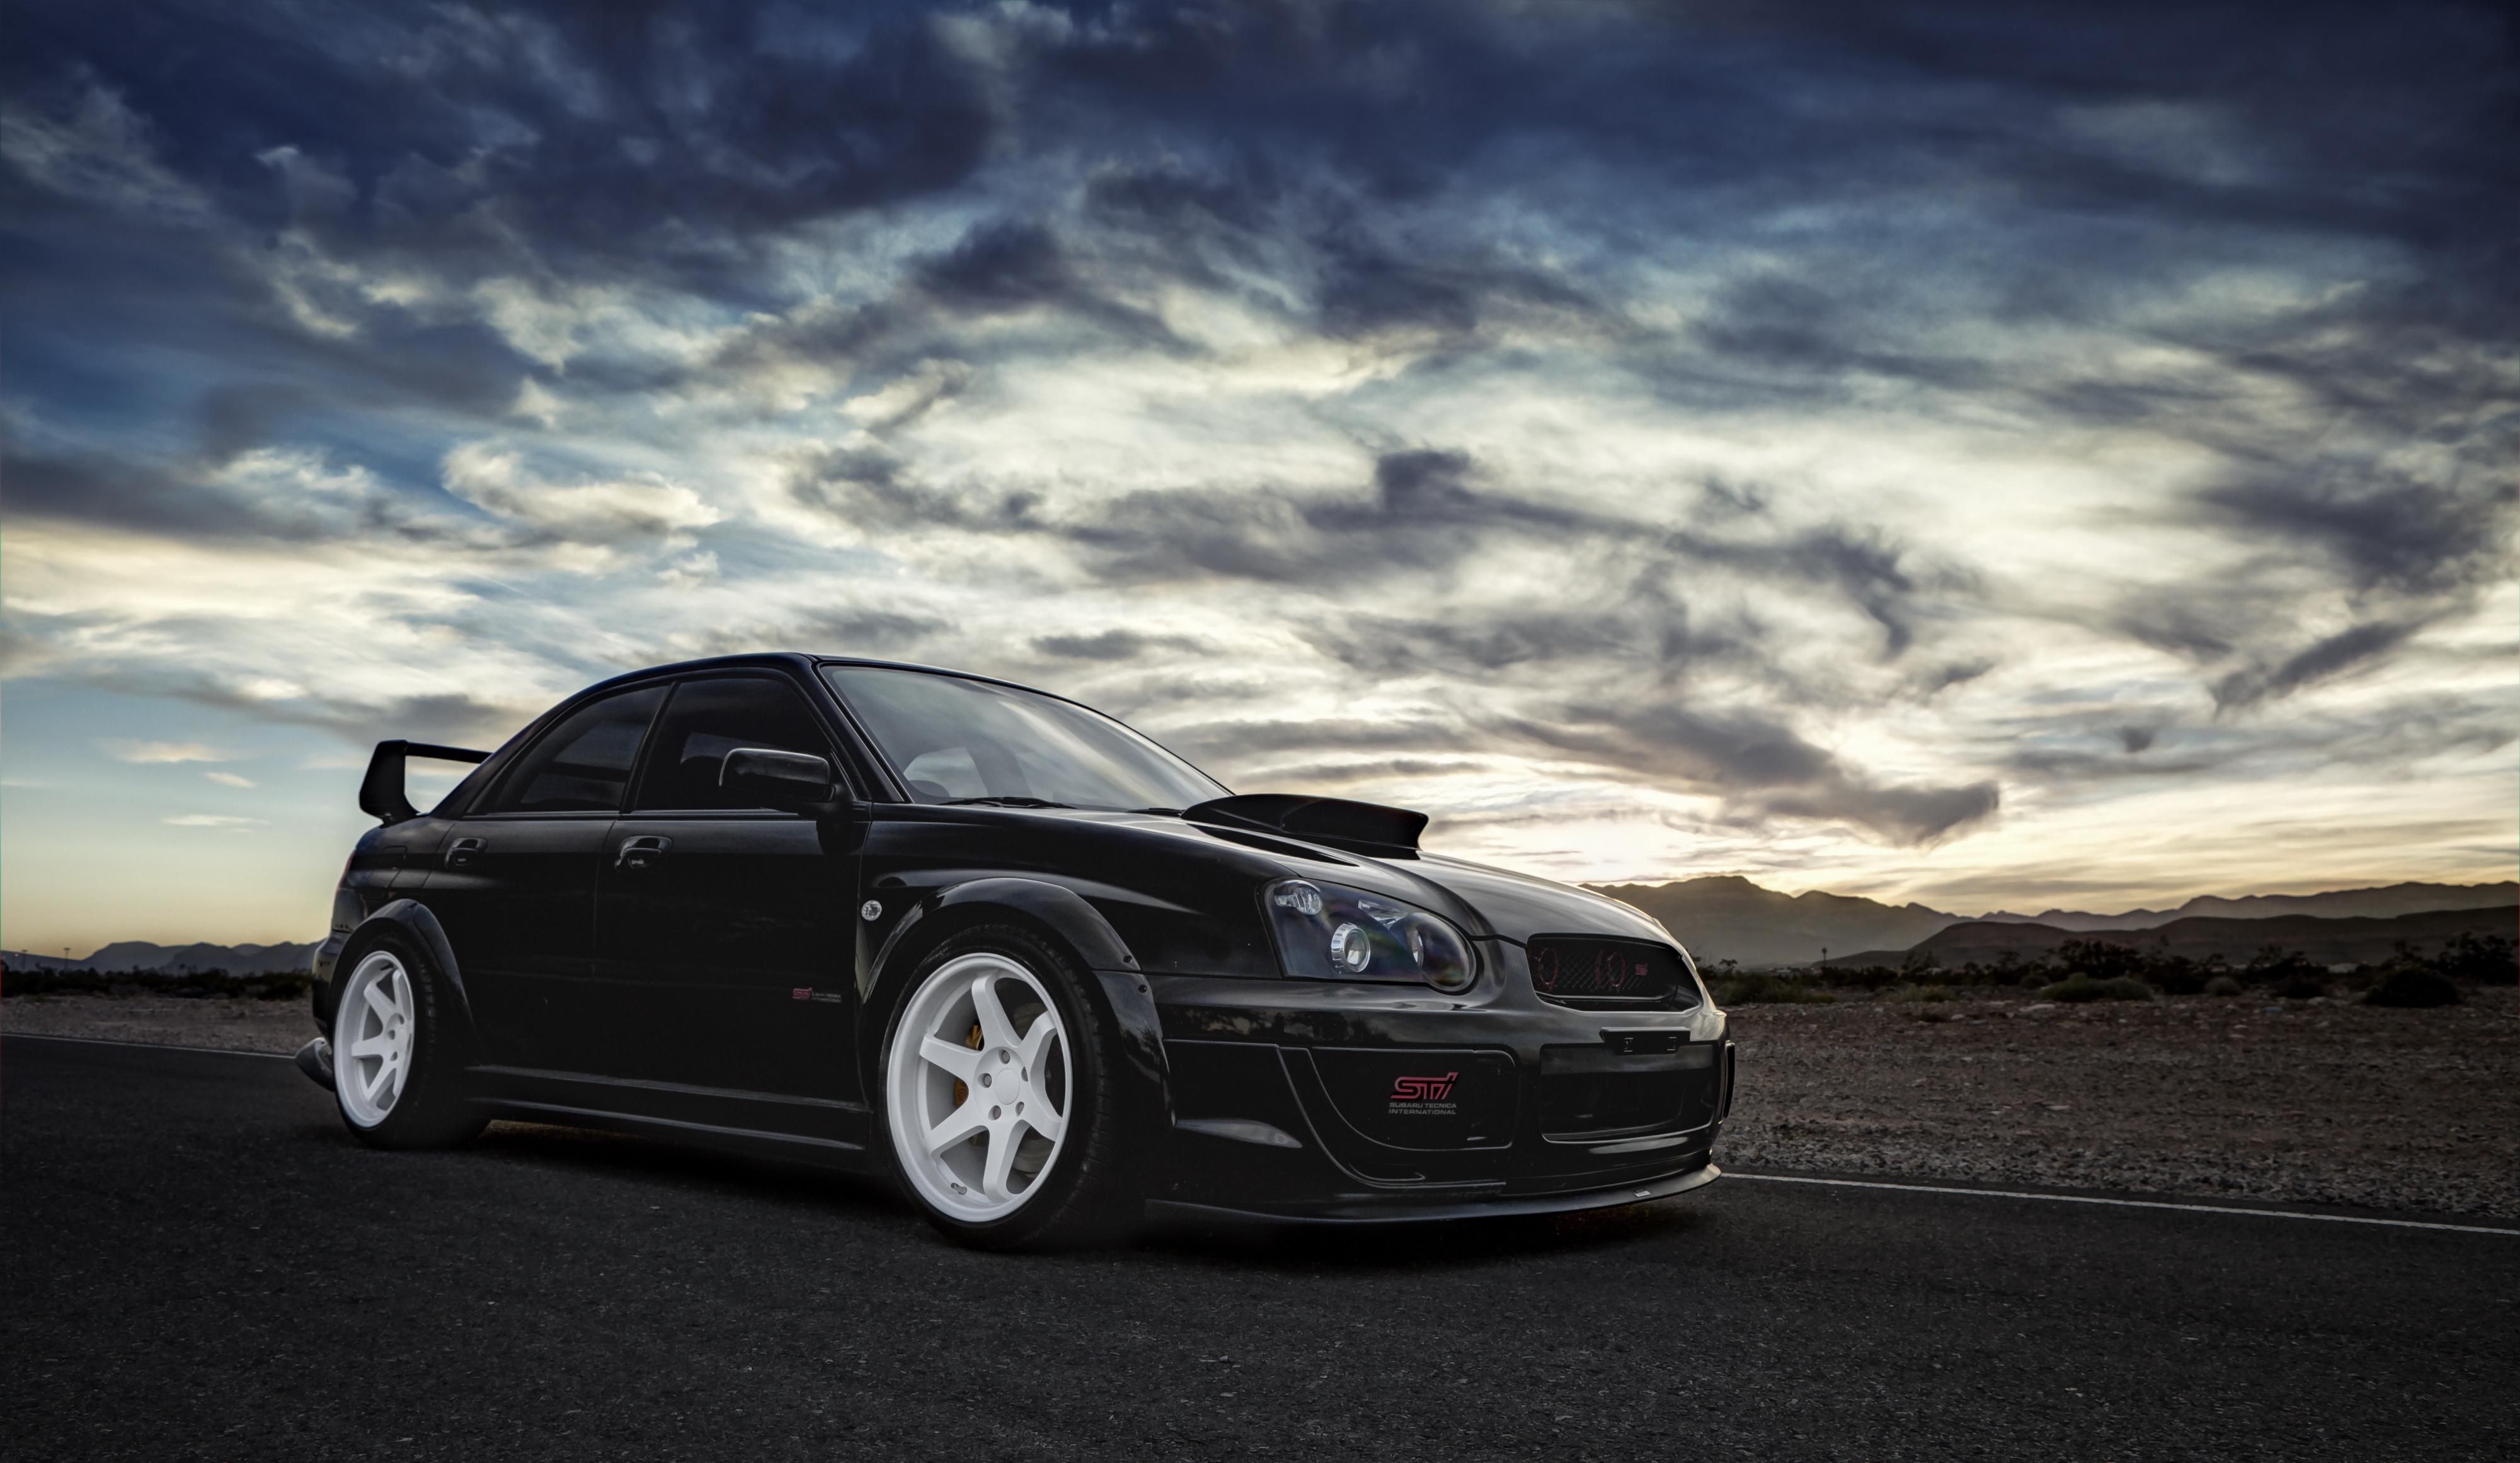 Subaru WRX Wallpaper Image Picture